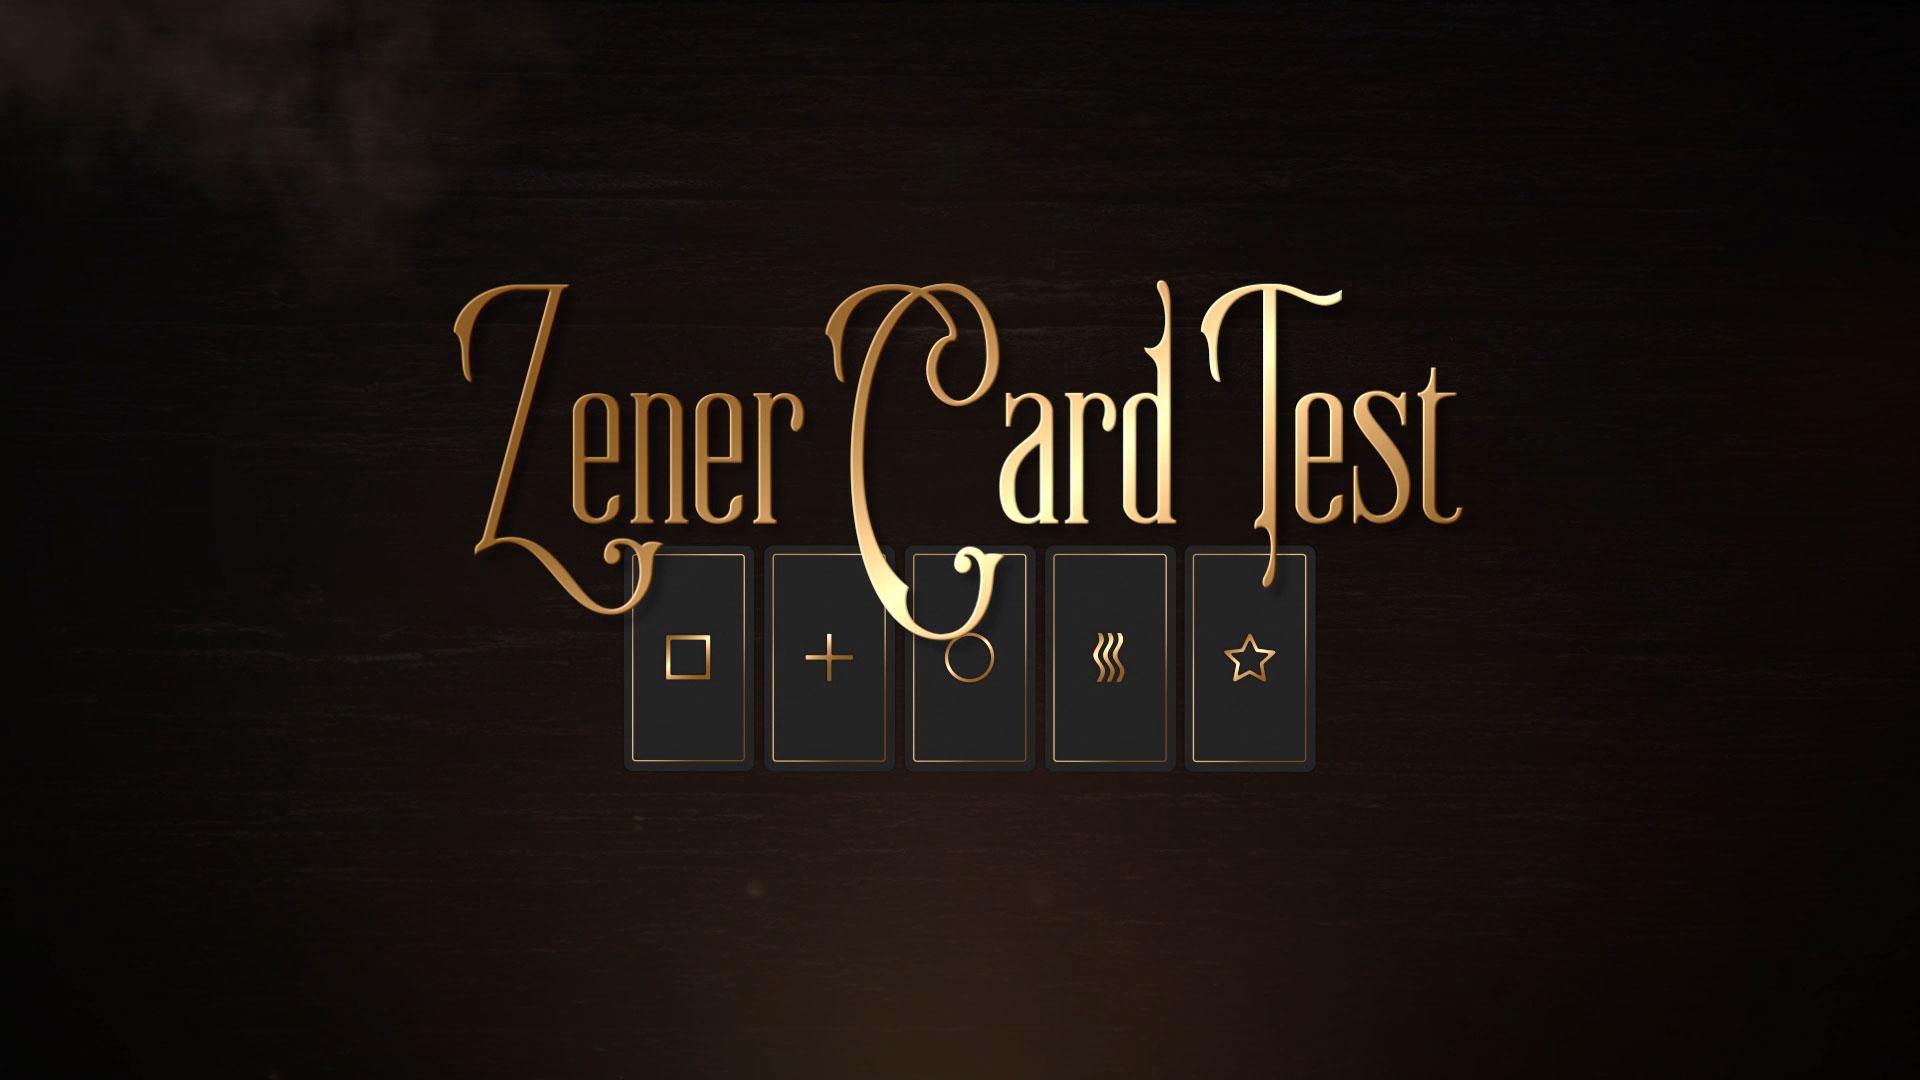 Zener Card Game Promo